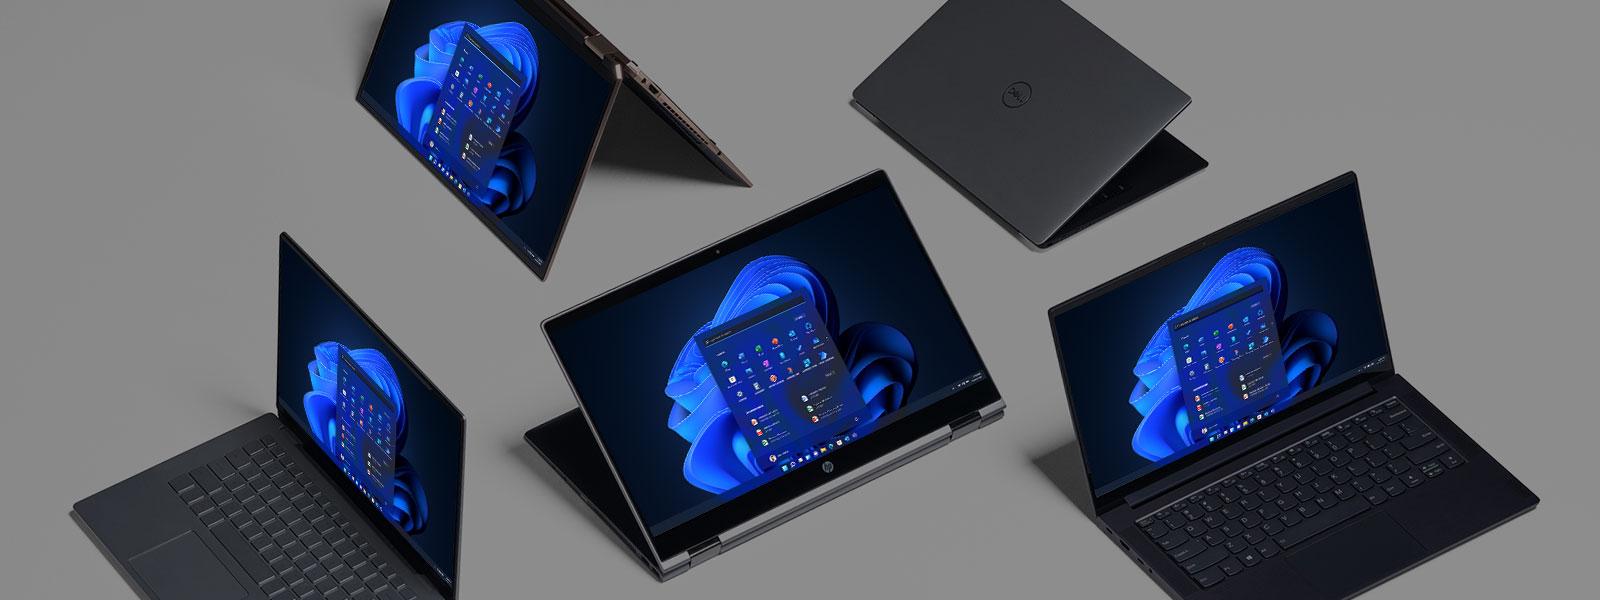 Conjunto de 5 computadores Windows 11